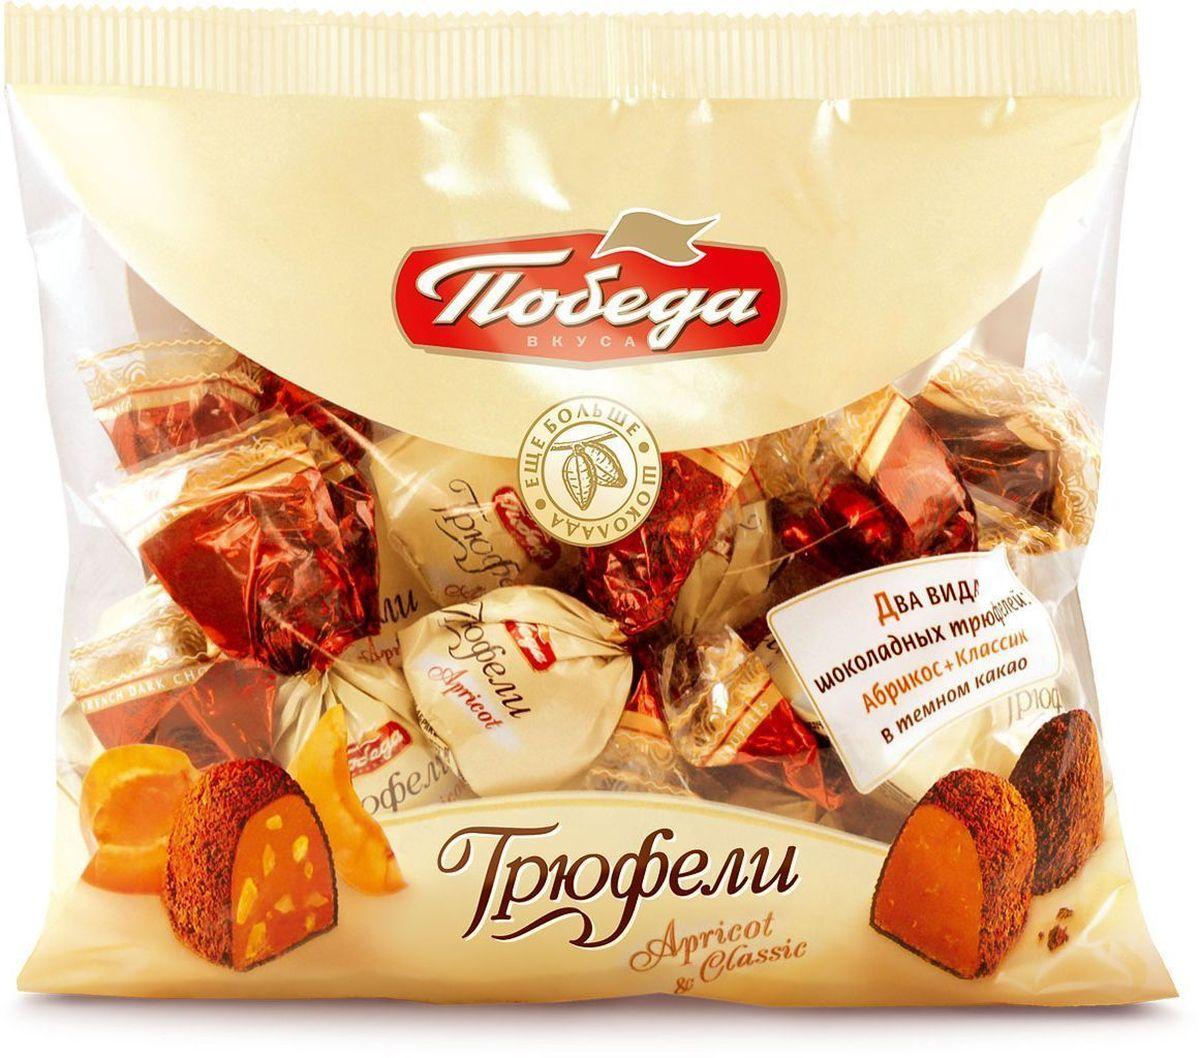 Победа вкуса Трюфели Абрикос + Классик два вида шоколадных трюфелей в темном какао, 250 г0120710Трюфели Победа вкуса - два вида мягких трюфельных начинок: классическая шоколадно-сливочная, с кусочками абрикоса. Трюфели Победа вкуса, посыпанные ароматным темным какао - совершенное наслаждение для любителей шоколада.